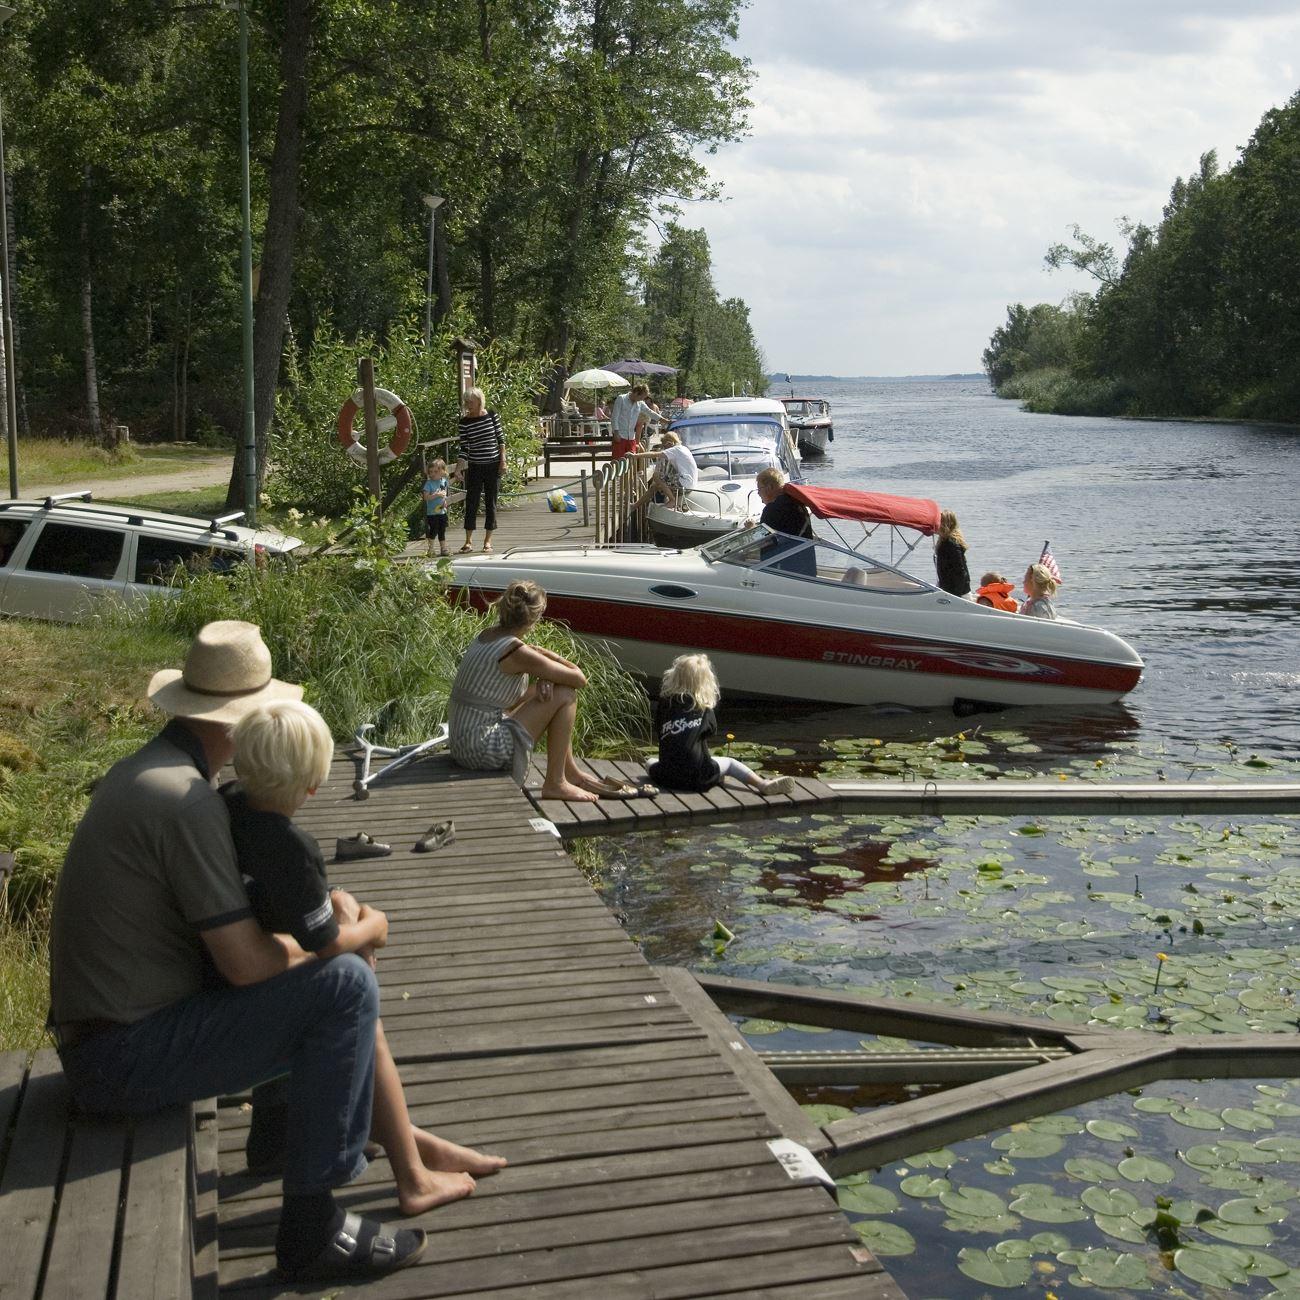 Foto: Smålandsbilder.se,  © Värnamo Näringsliv AB , Angeln im See Vidöstern